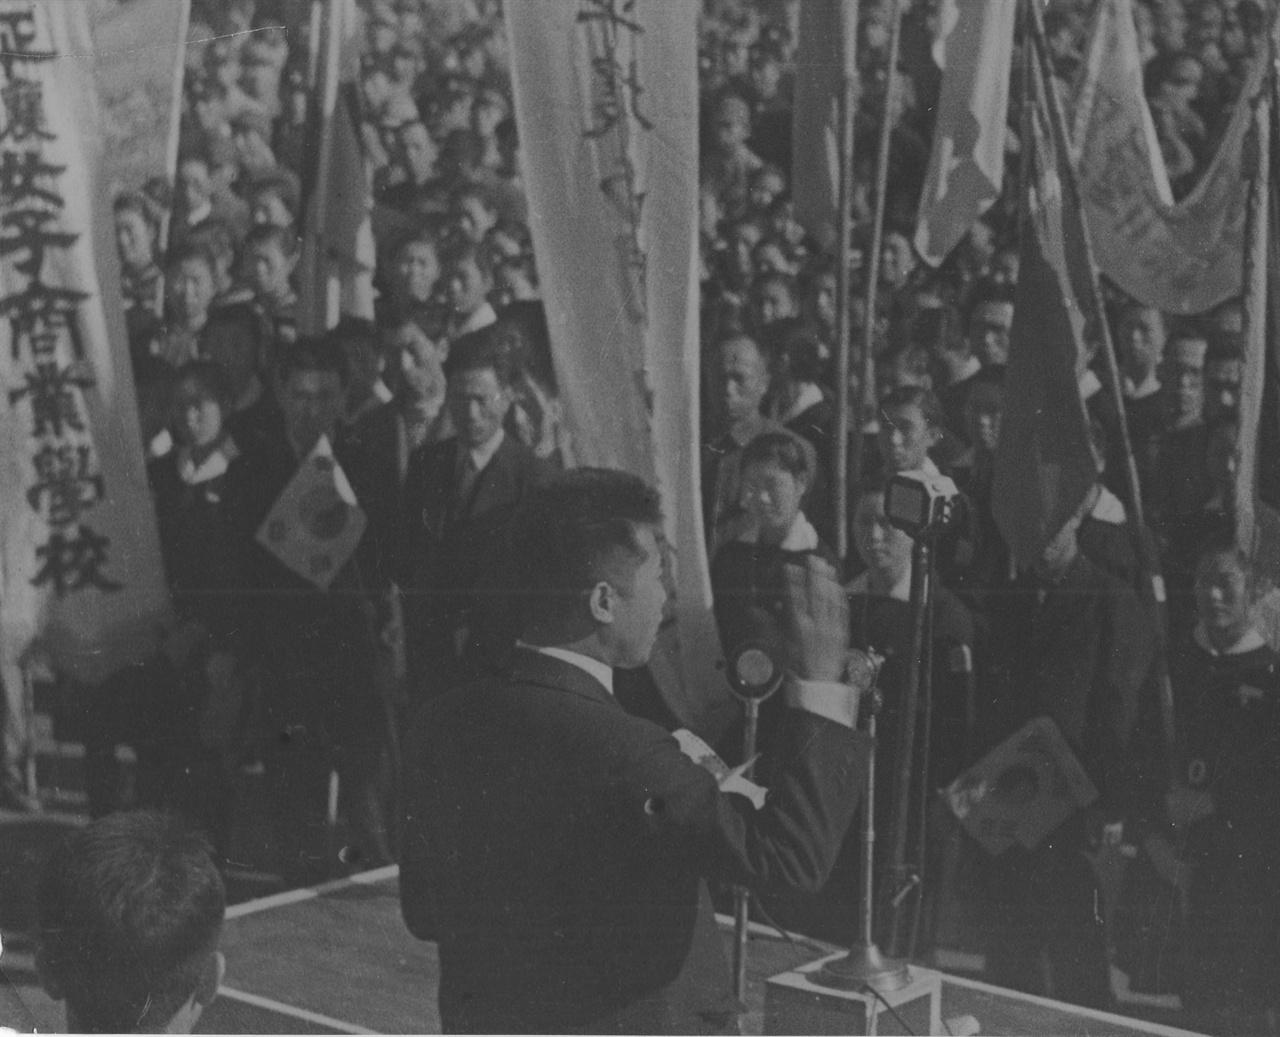 학생의 날 평양학생들에게 연설하는 김일성(1945. 11.)